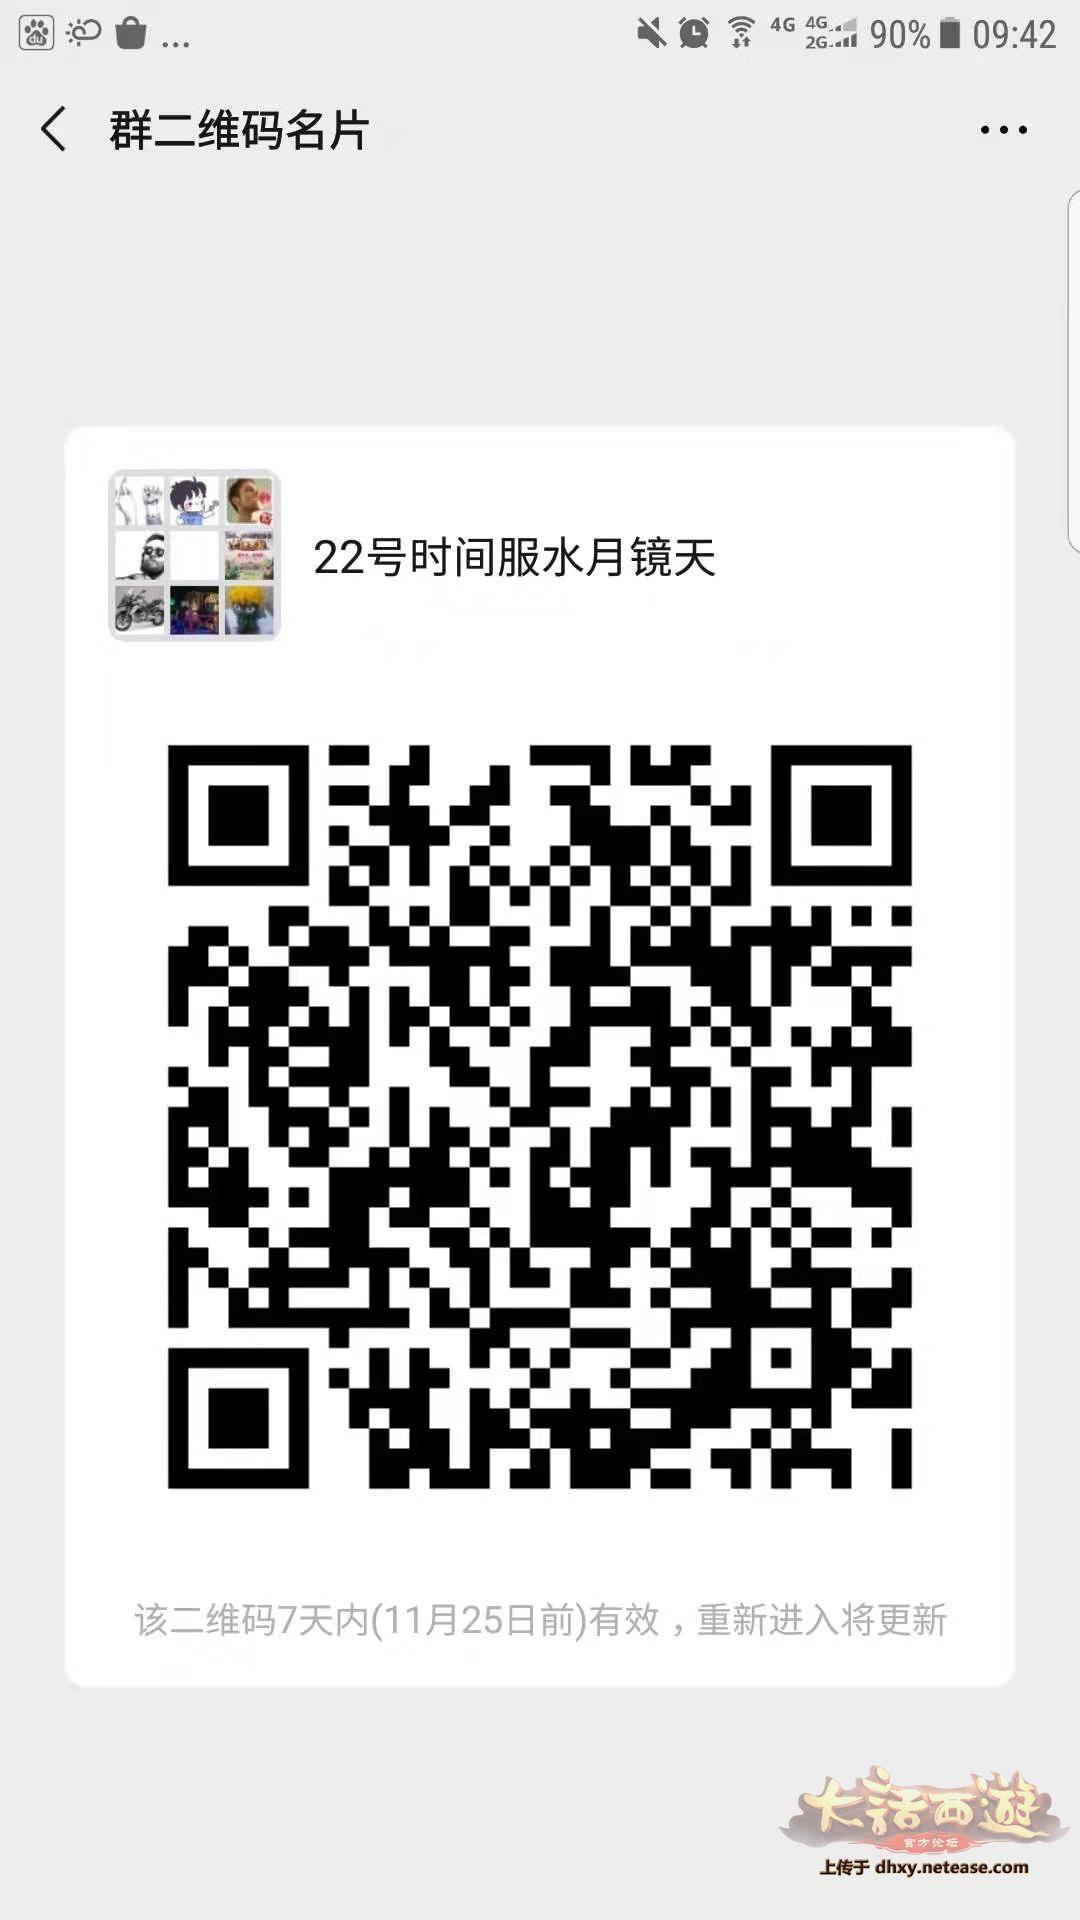 9395237fc7cc75112f8f73b500ecd34.jpg